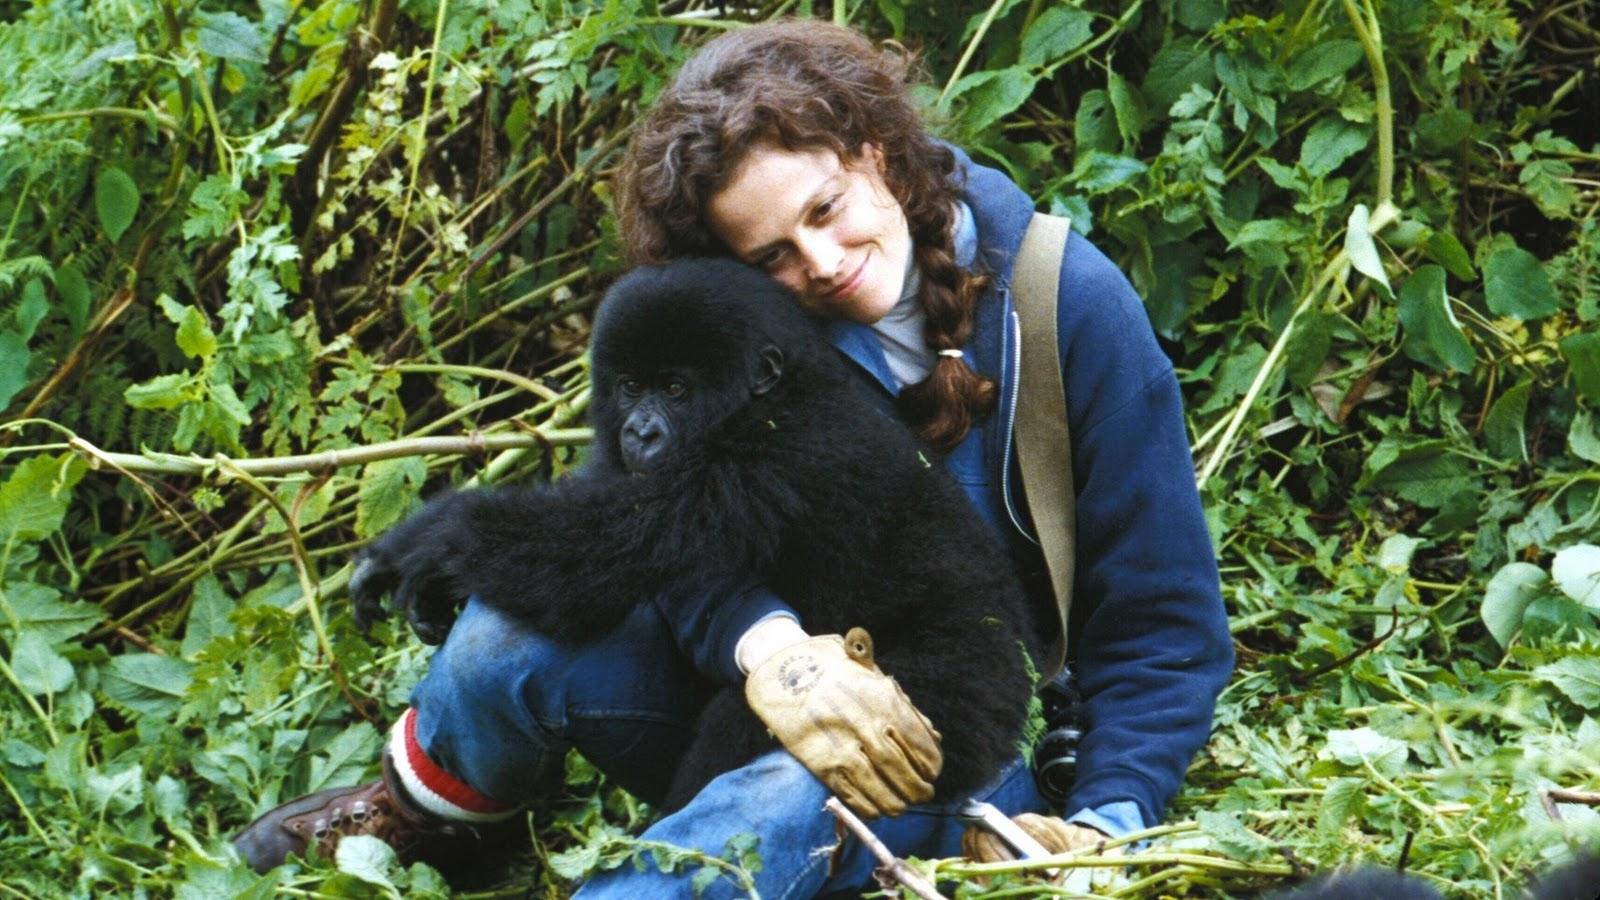 Gorilla en la niebla online dating 1